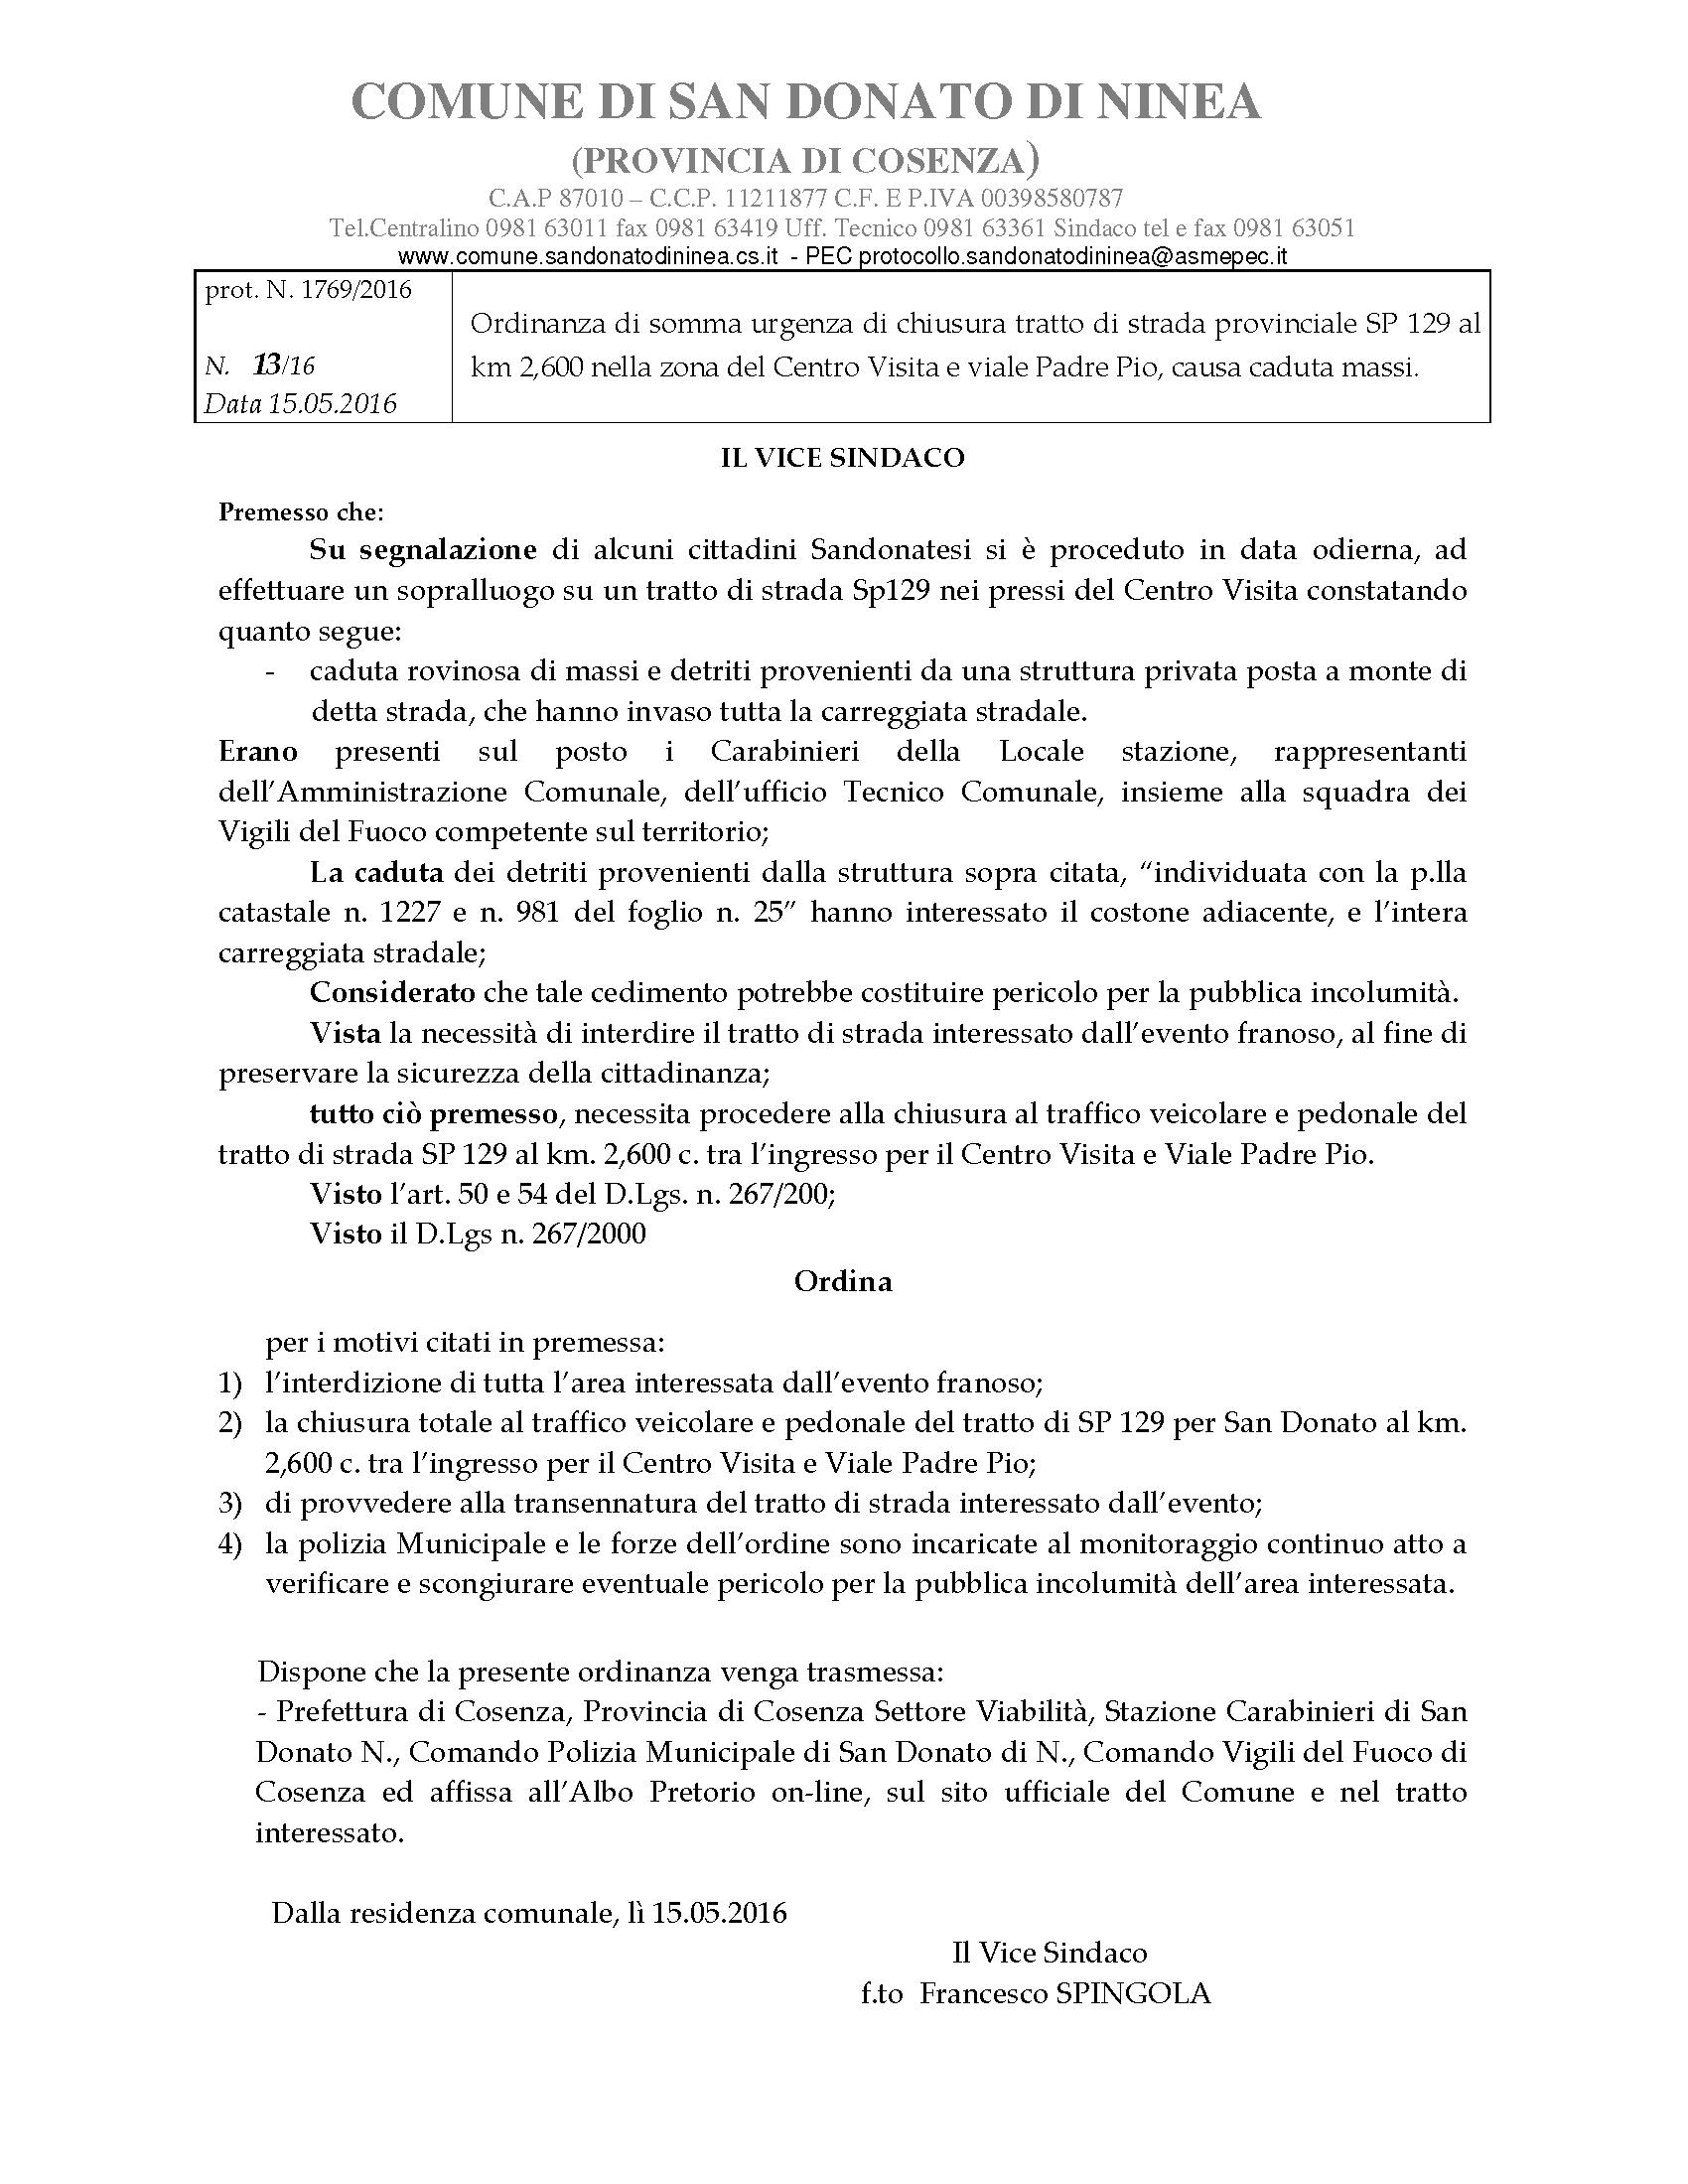 ordinanza_n_13-16_chiusura_strada_sp129__frana